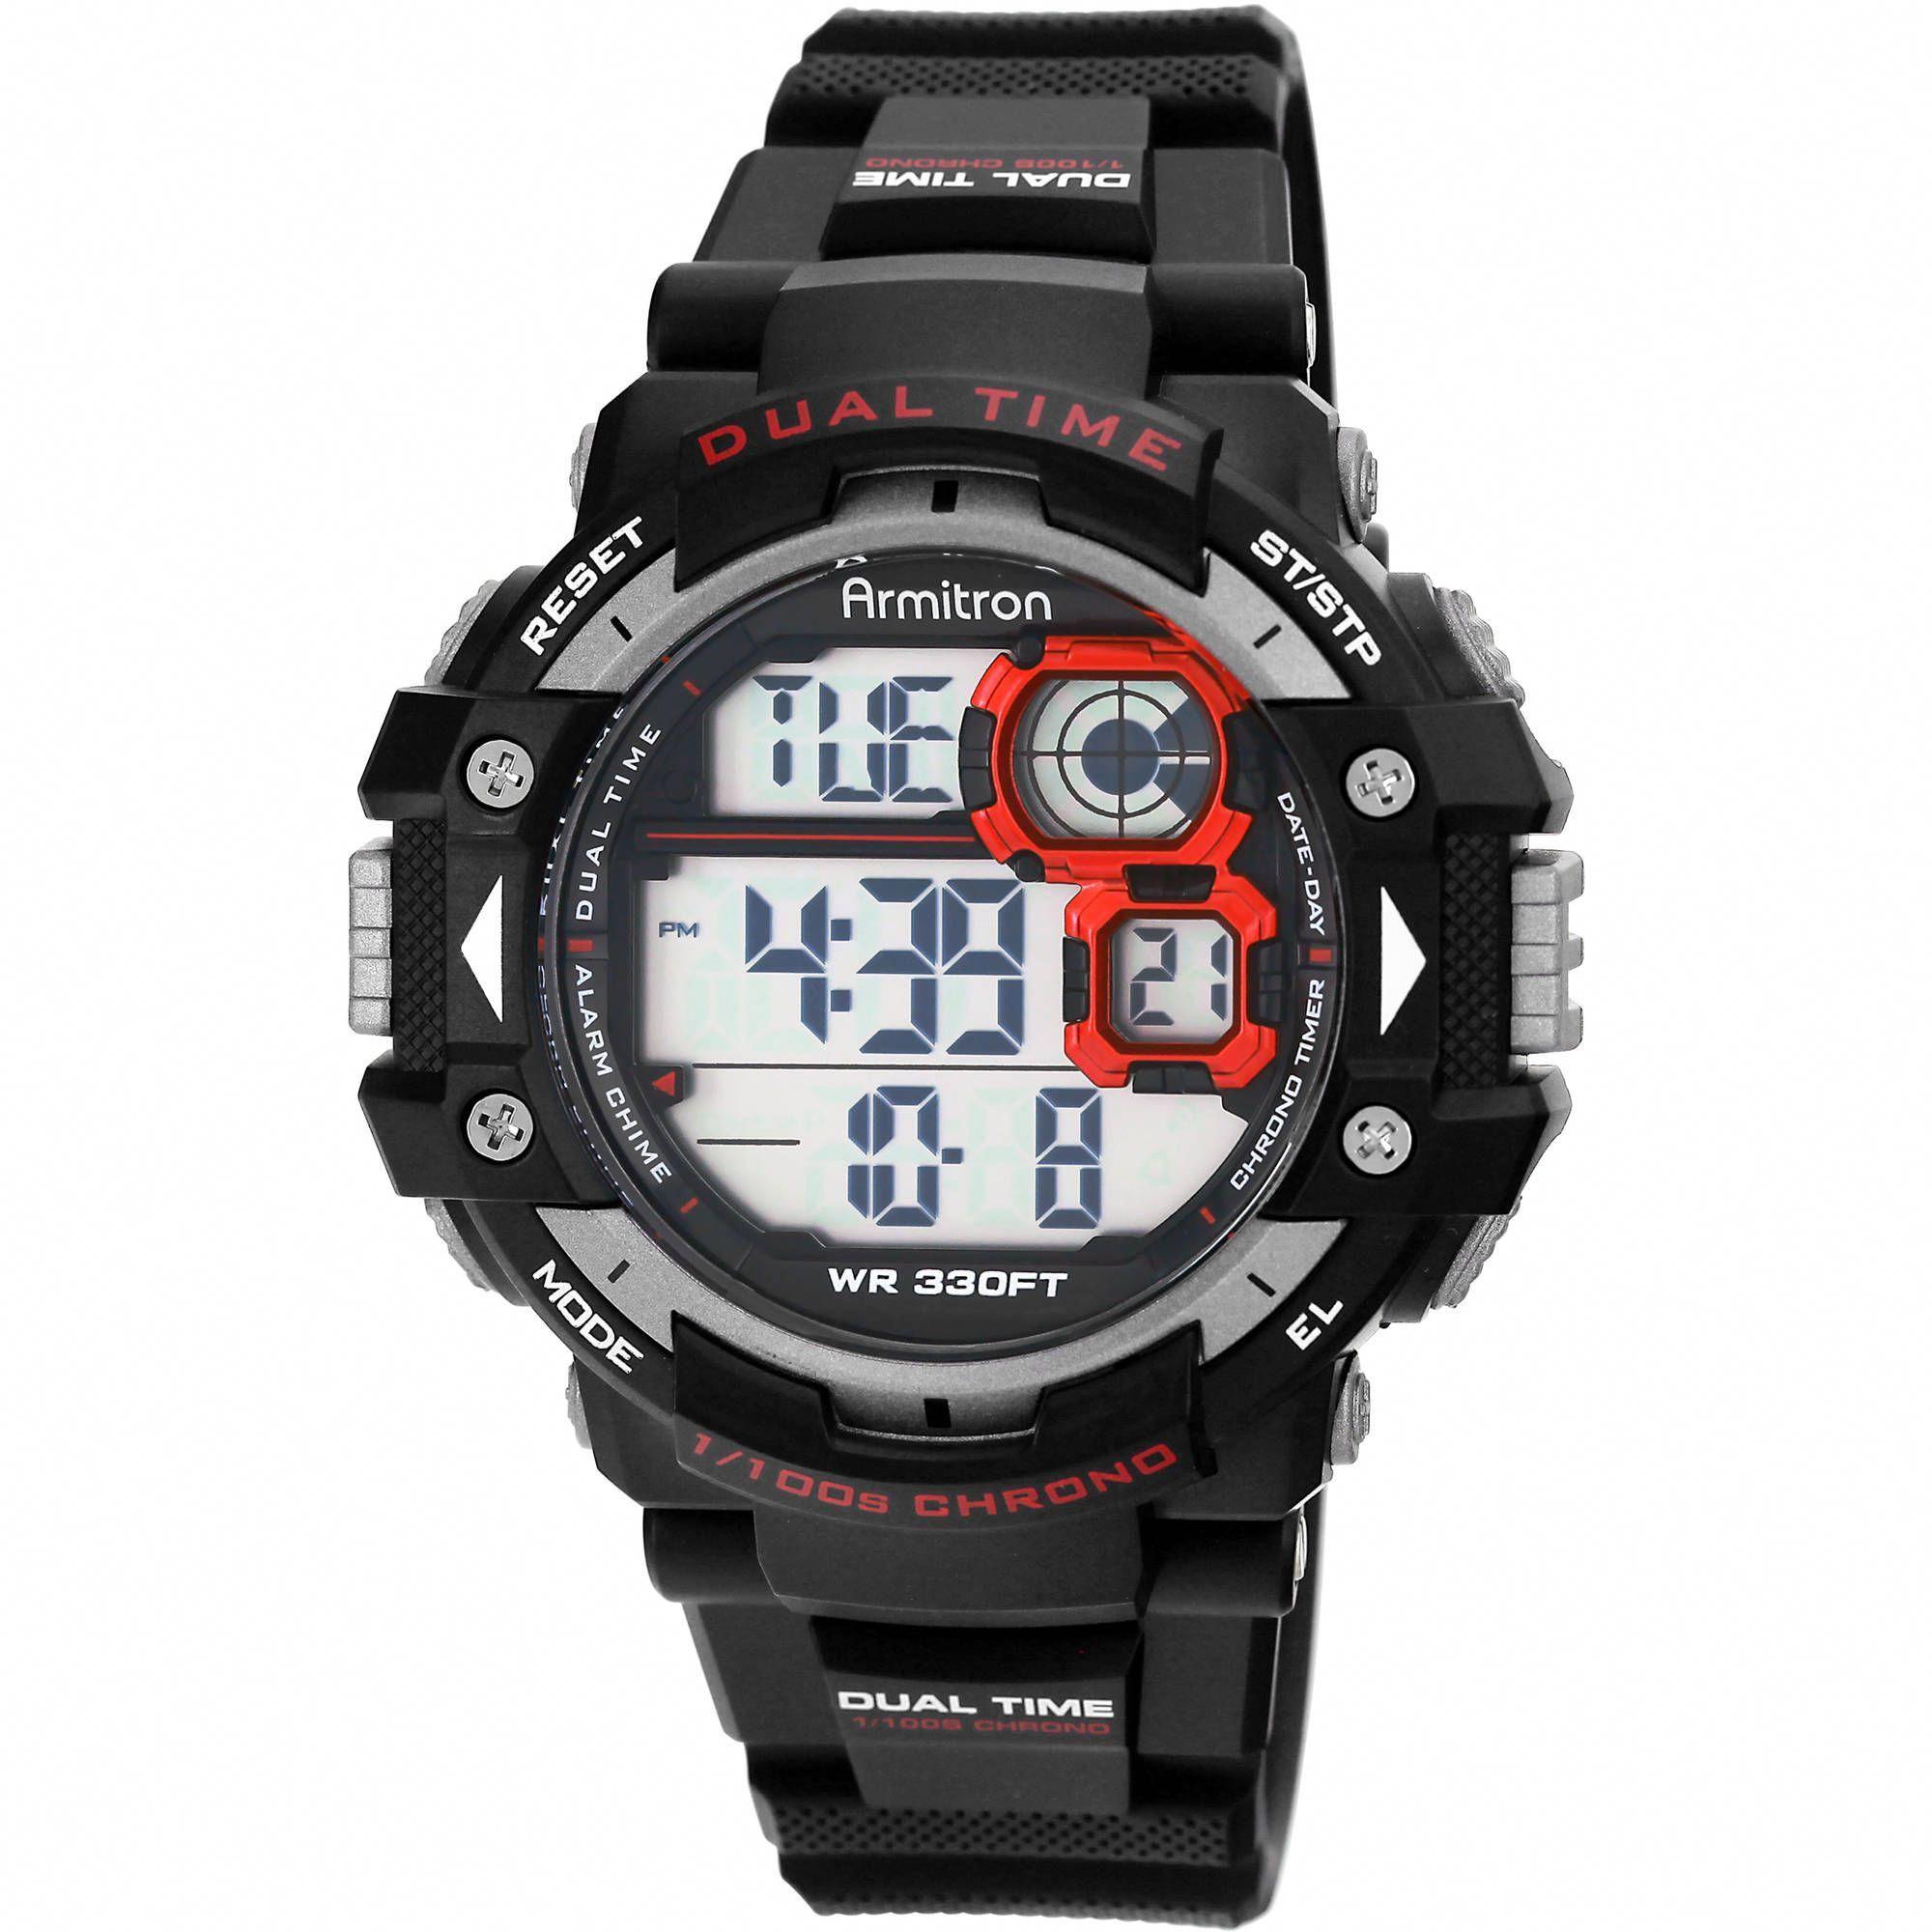 Men's Sport Black Round Watch from armitron brand.